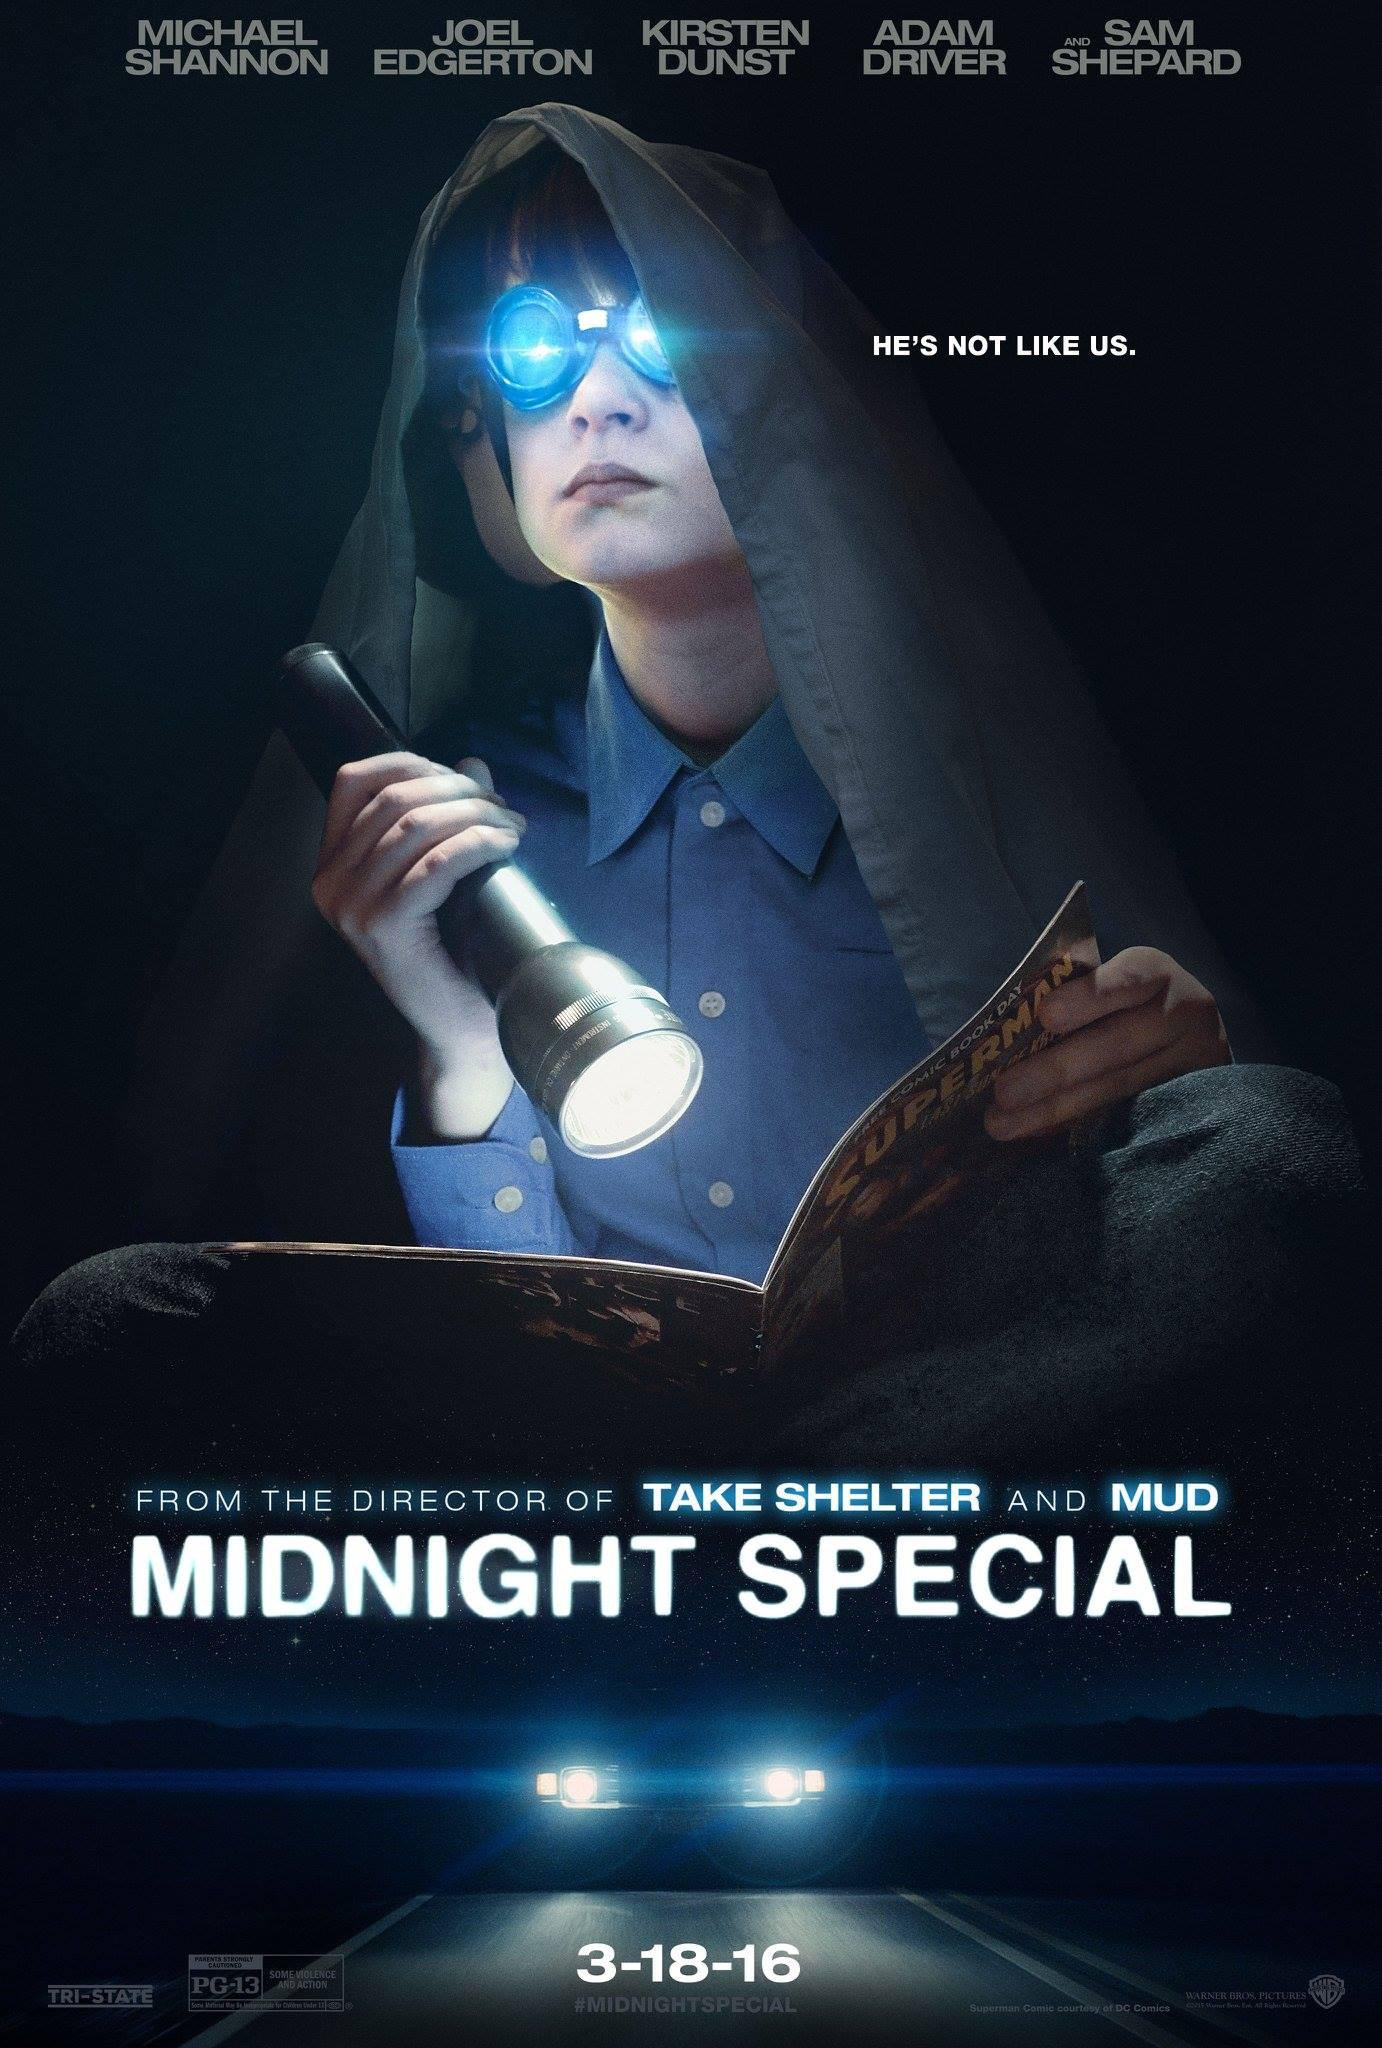 midnight special film recenzja shannon dunst edgerton driver